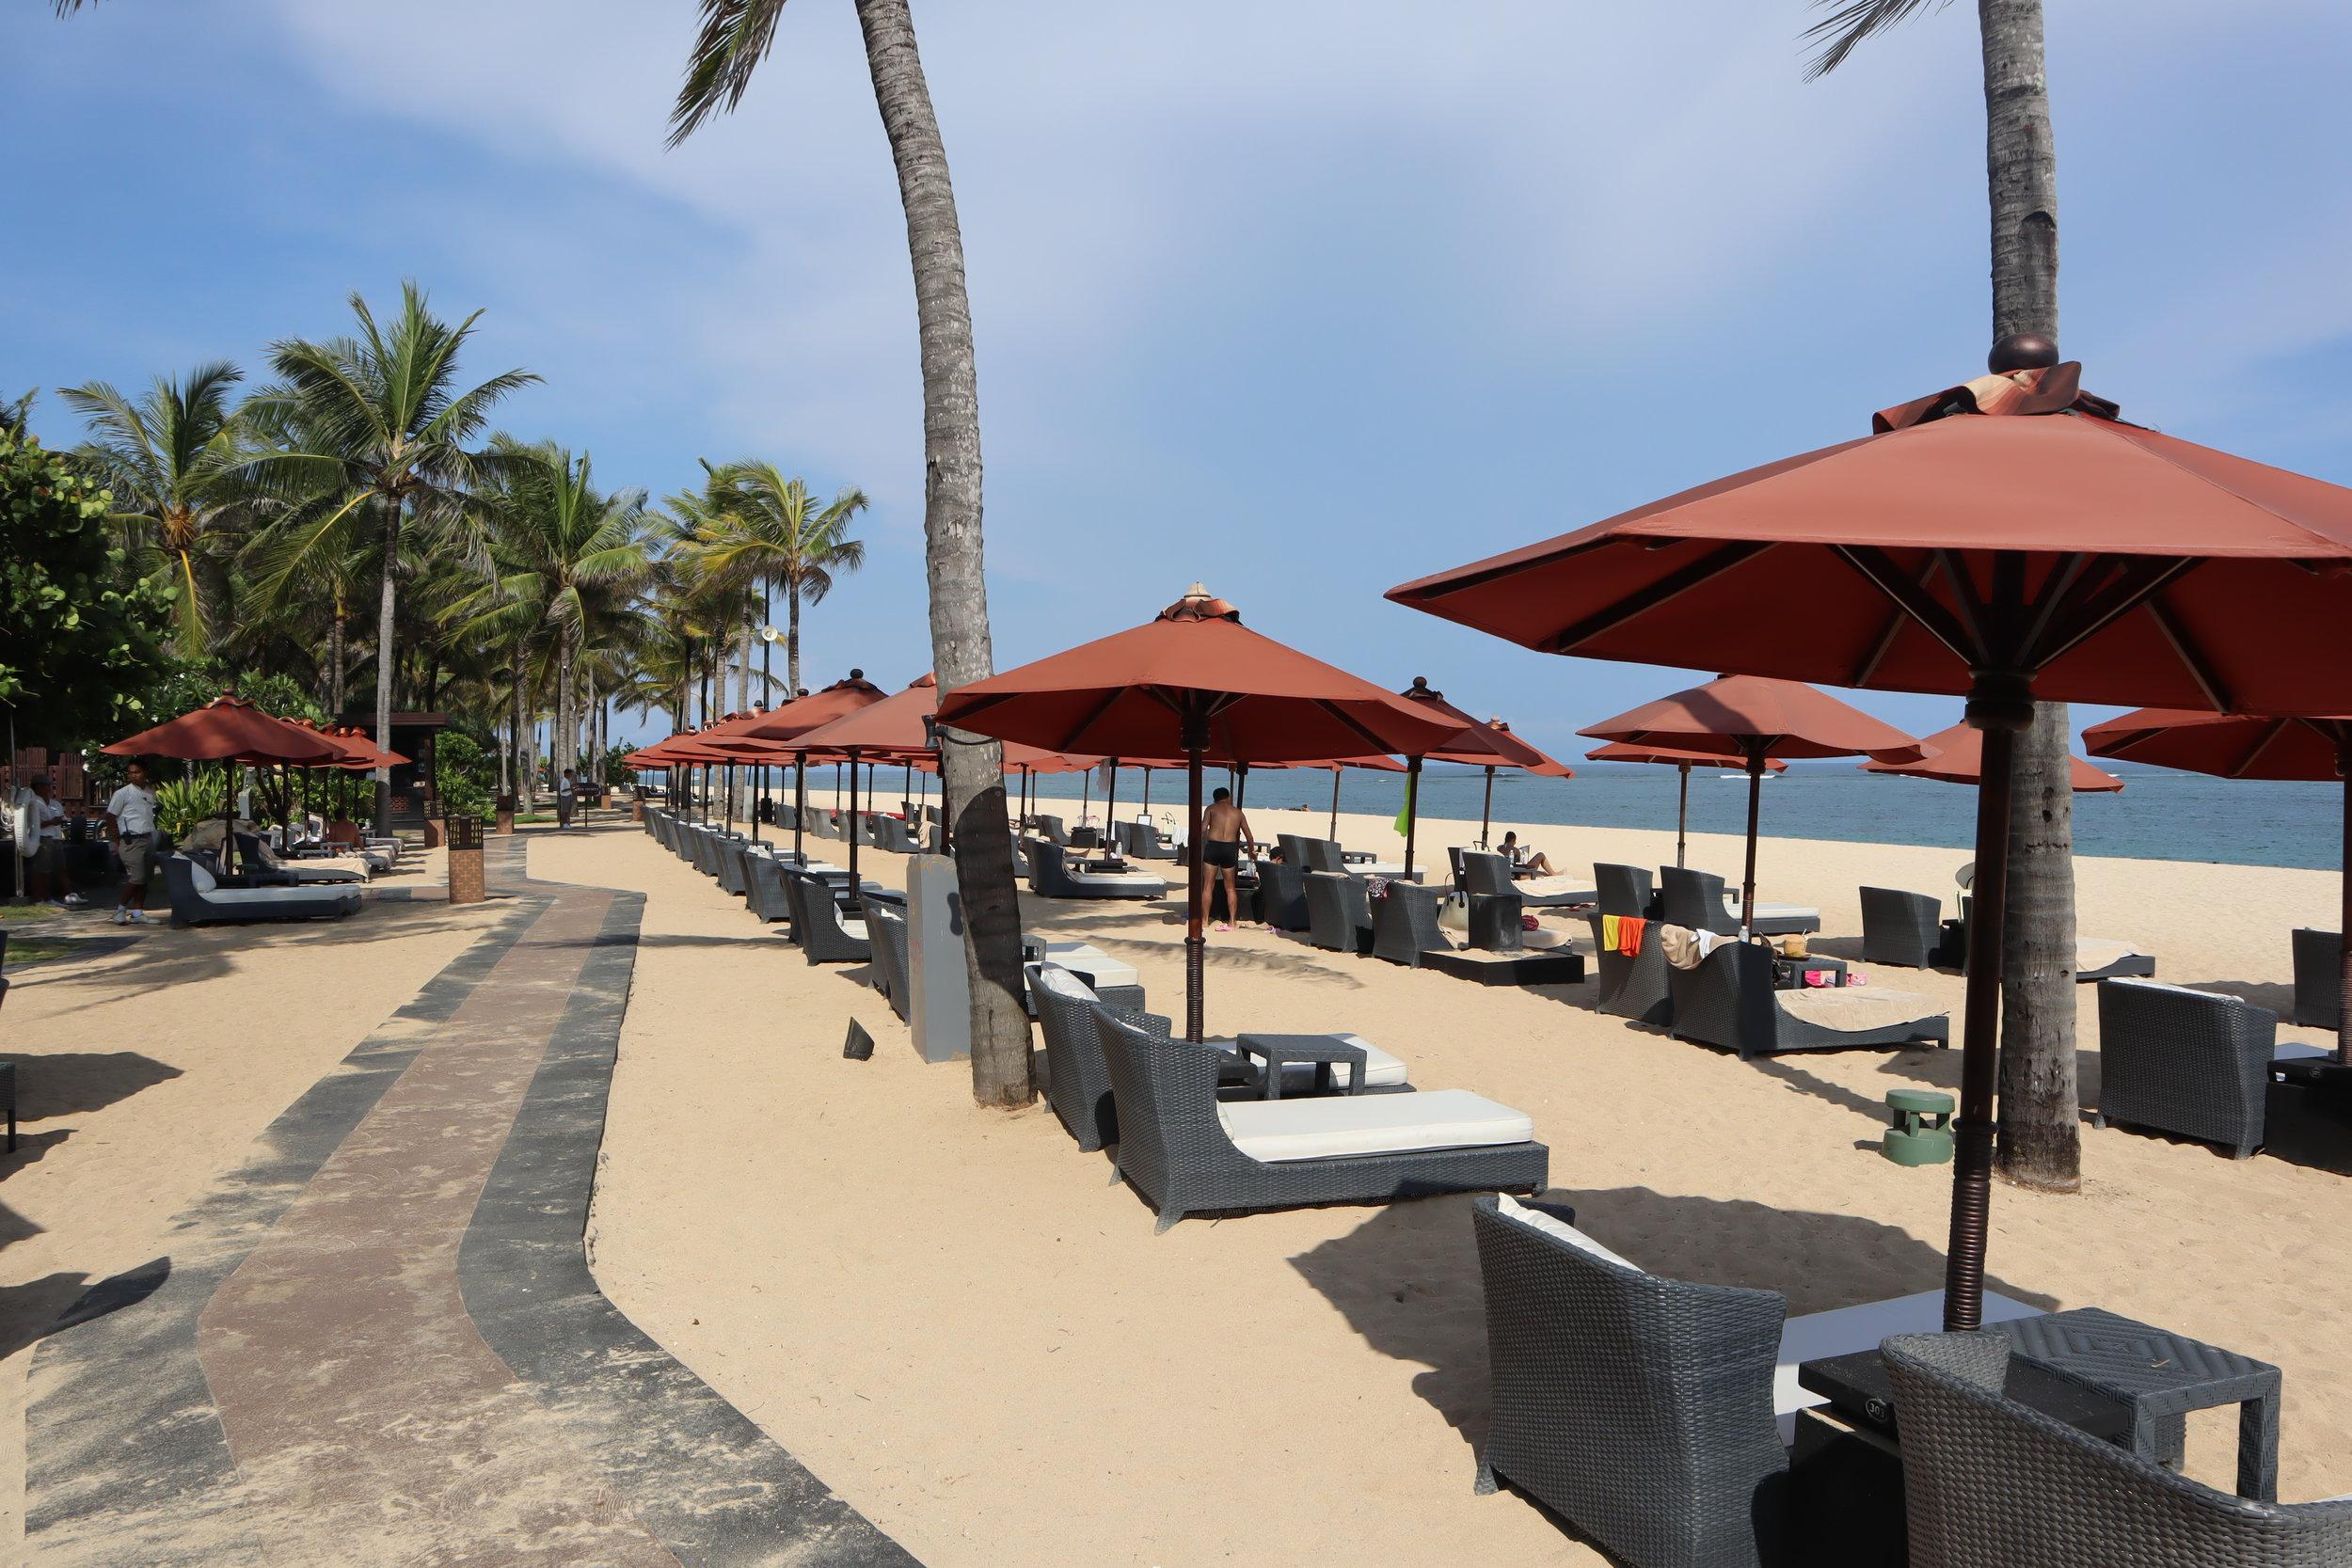 St. Regis Bali – Beachfront